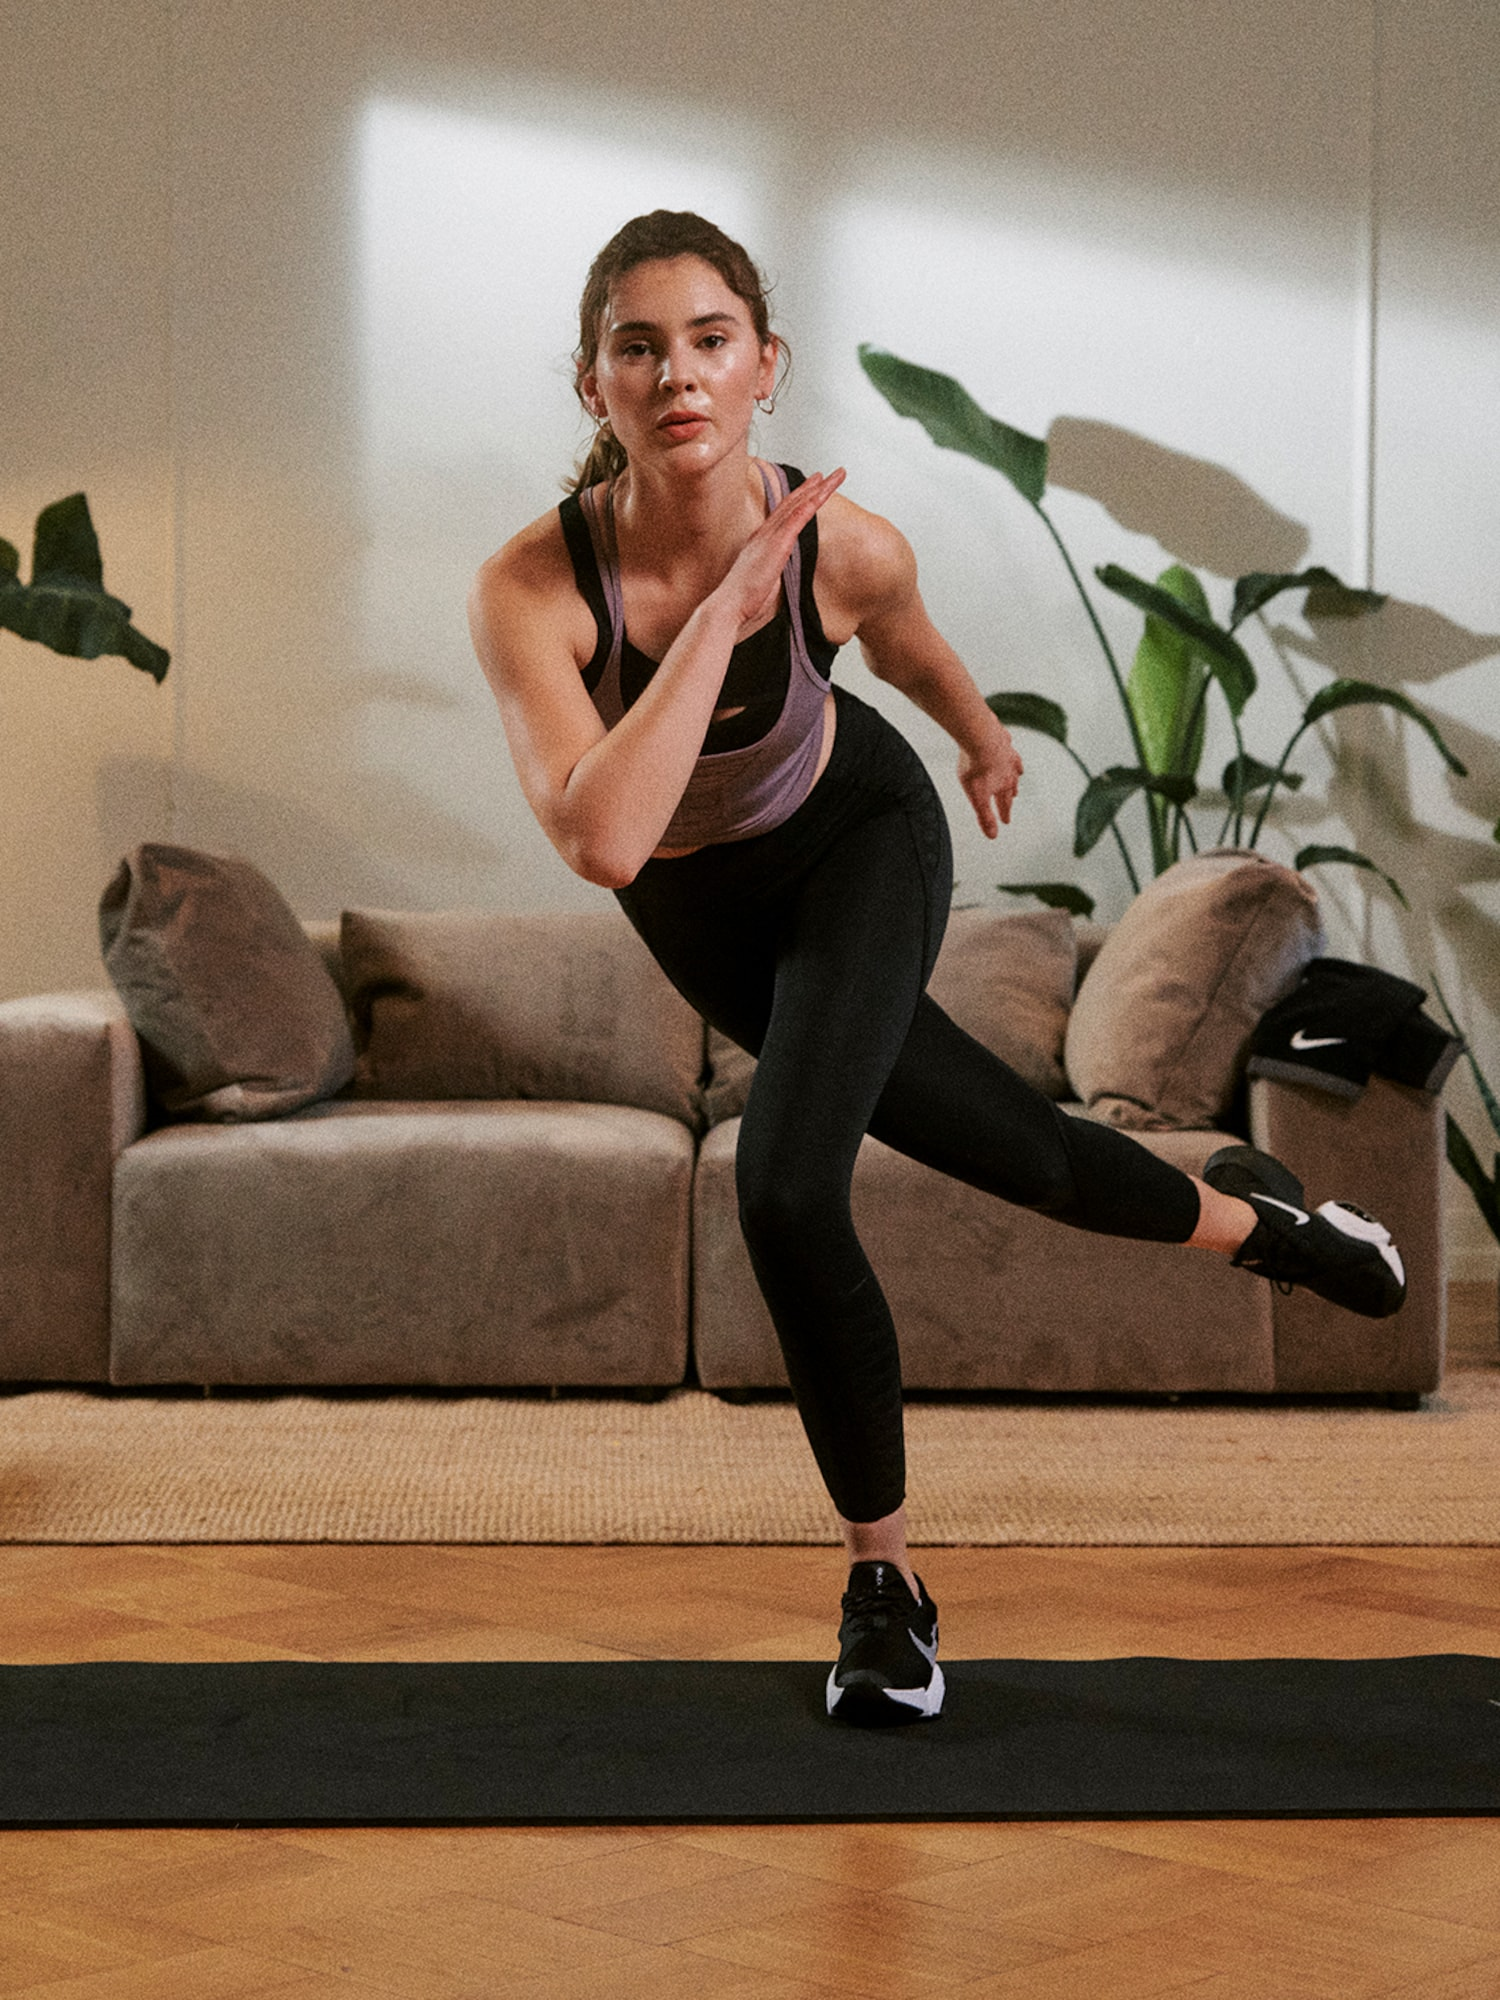 Stefanie-Giesinger-Sport-Nike-Training-nach-Zyklus